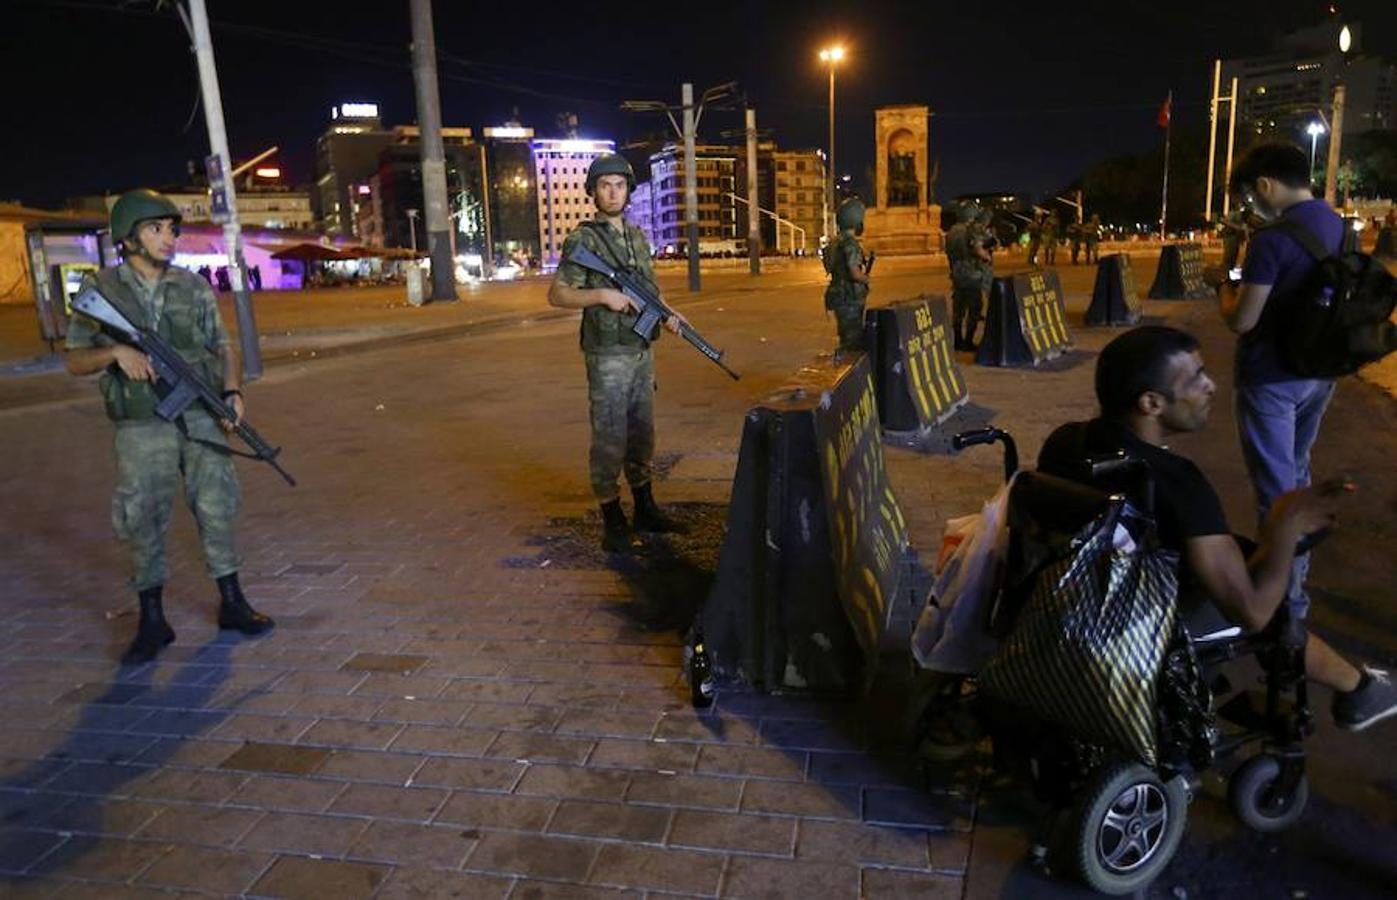 El primer ministro de Turquía, Binali Yildirim, ha informado este viernes de que un grupo de militares se ha sublevado para derrocar al Gobierno